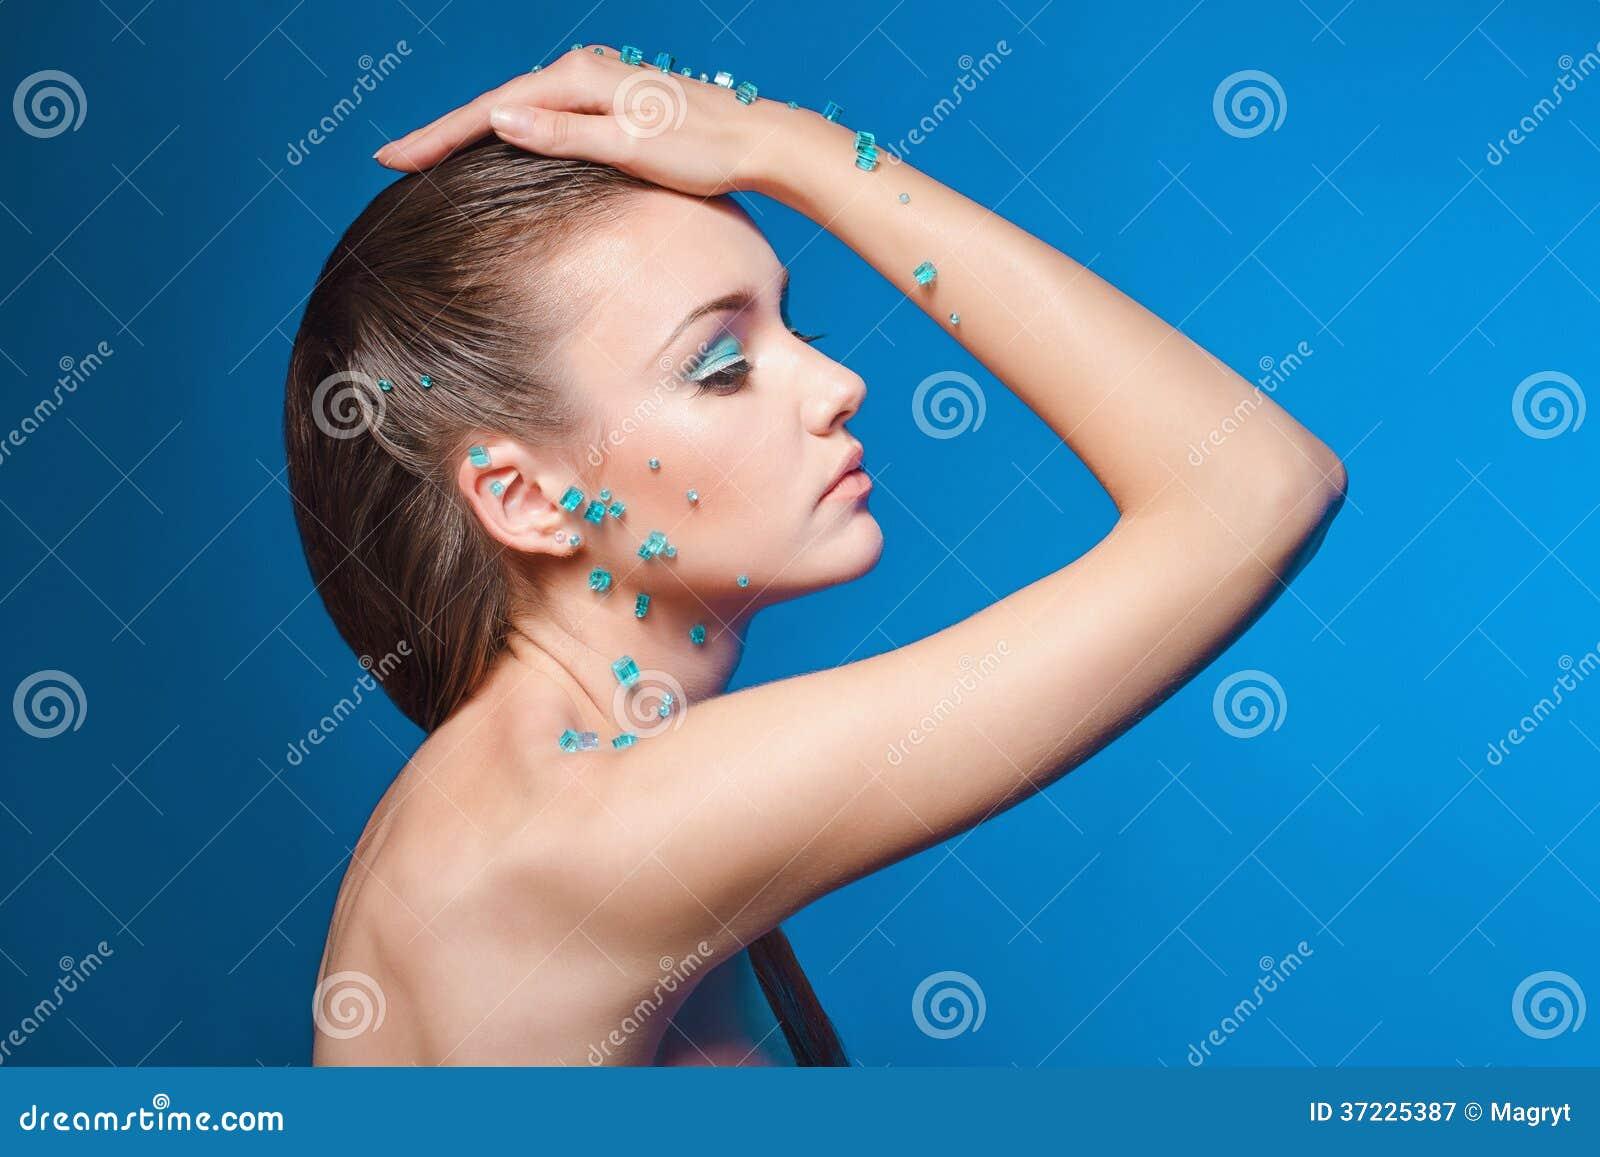 belle jeune femme nue